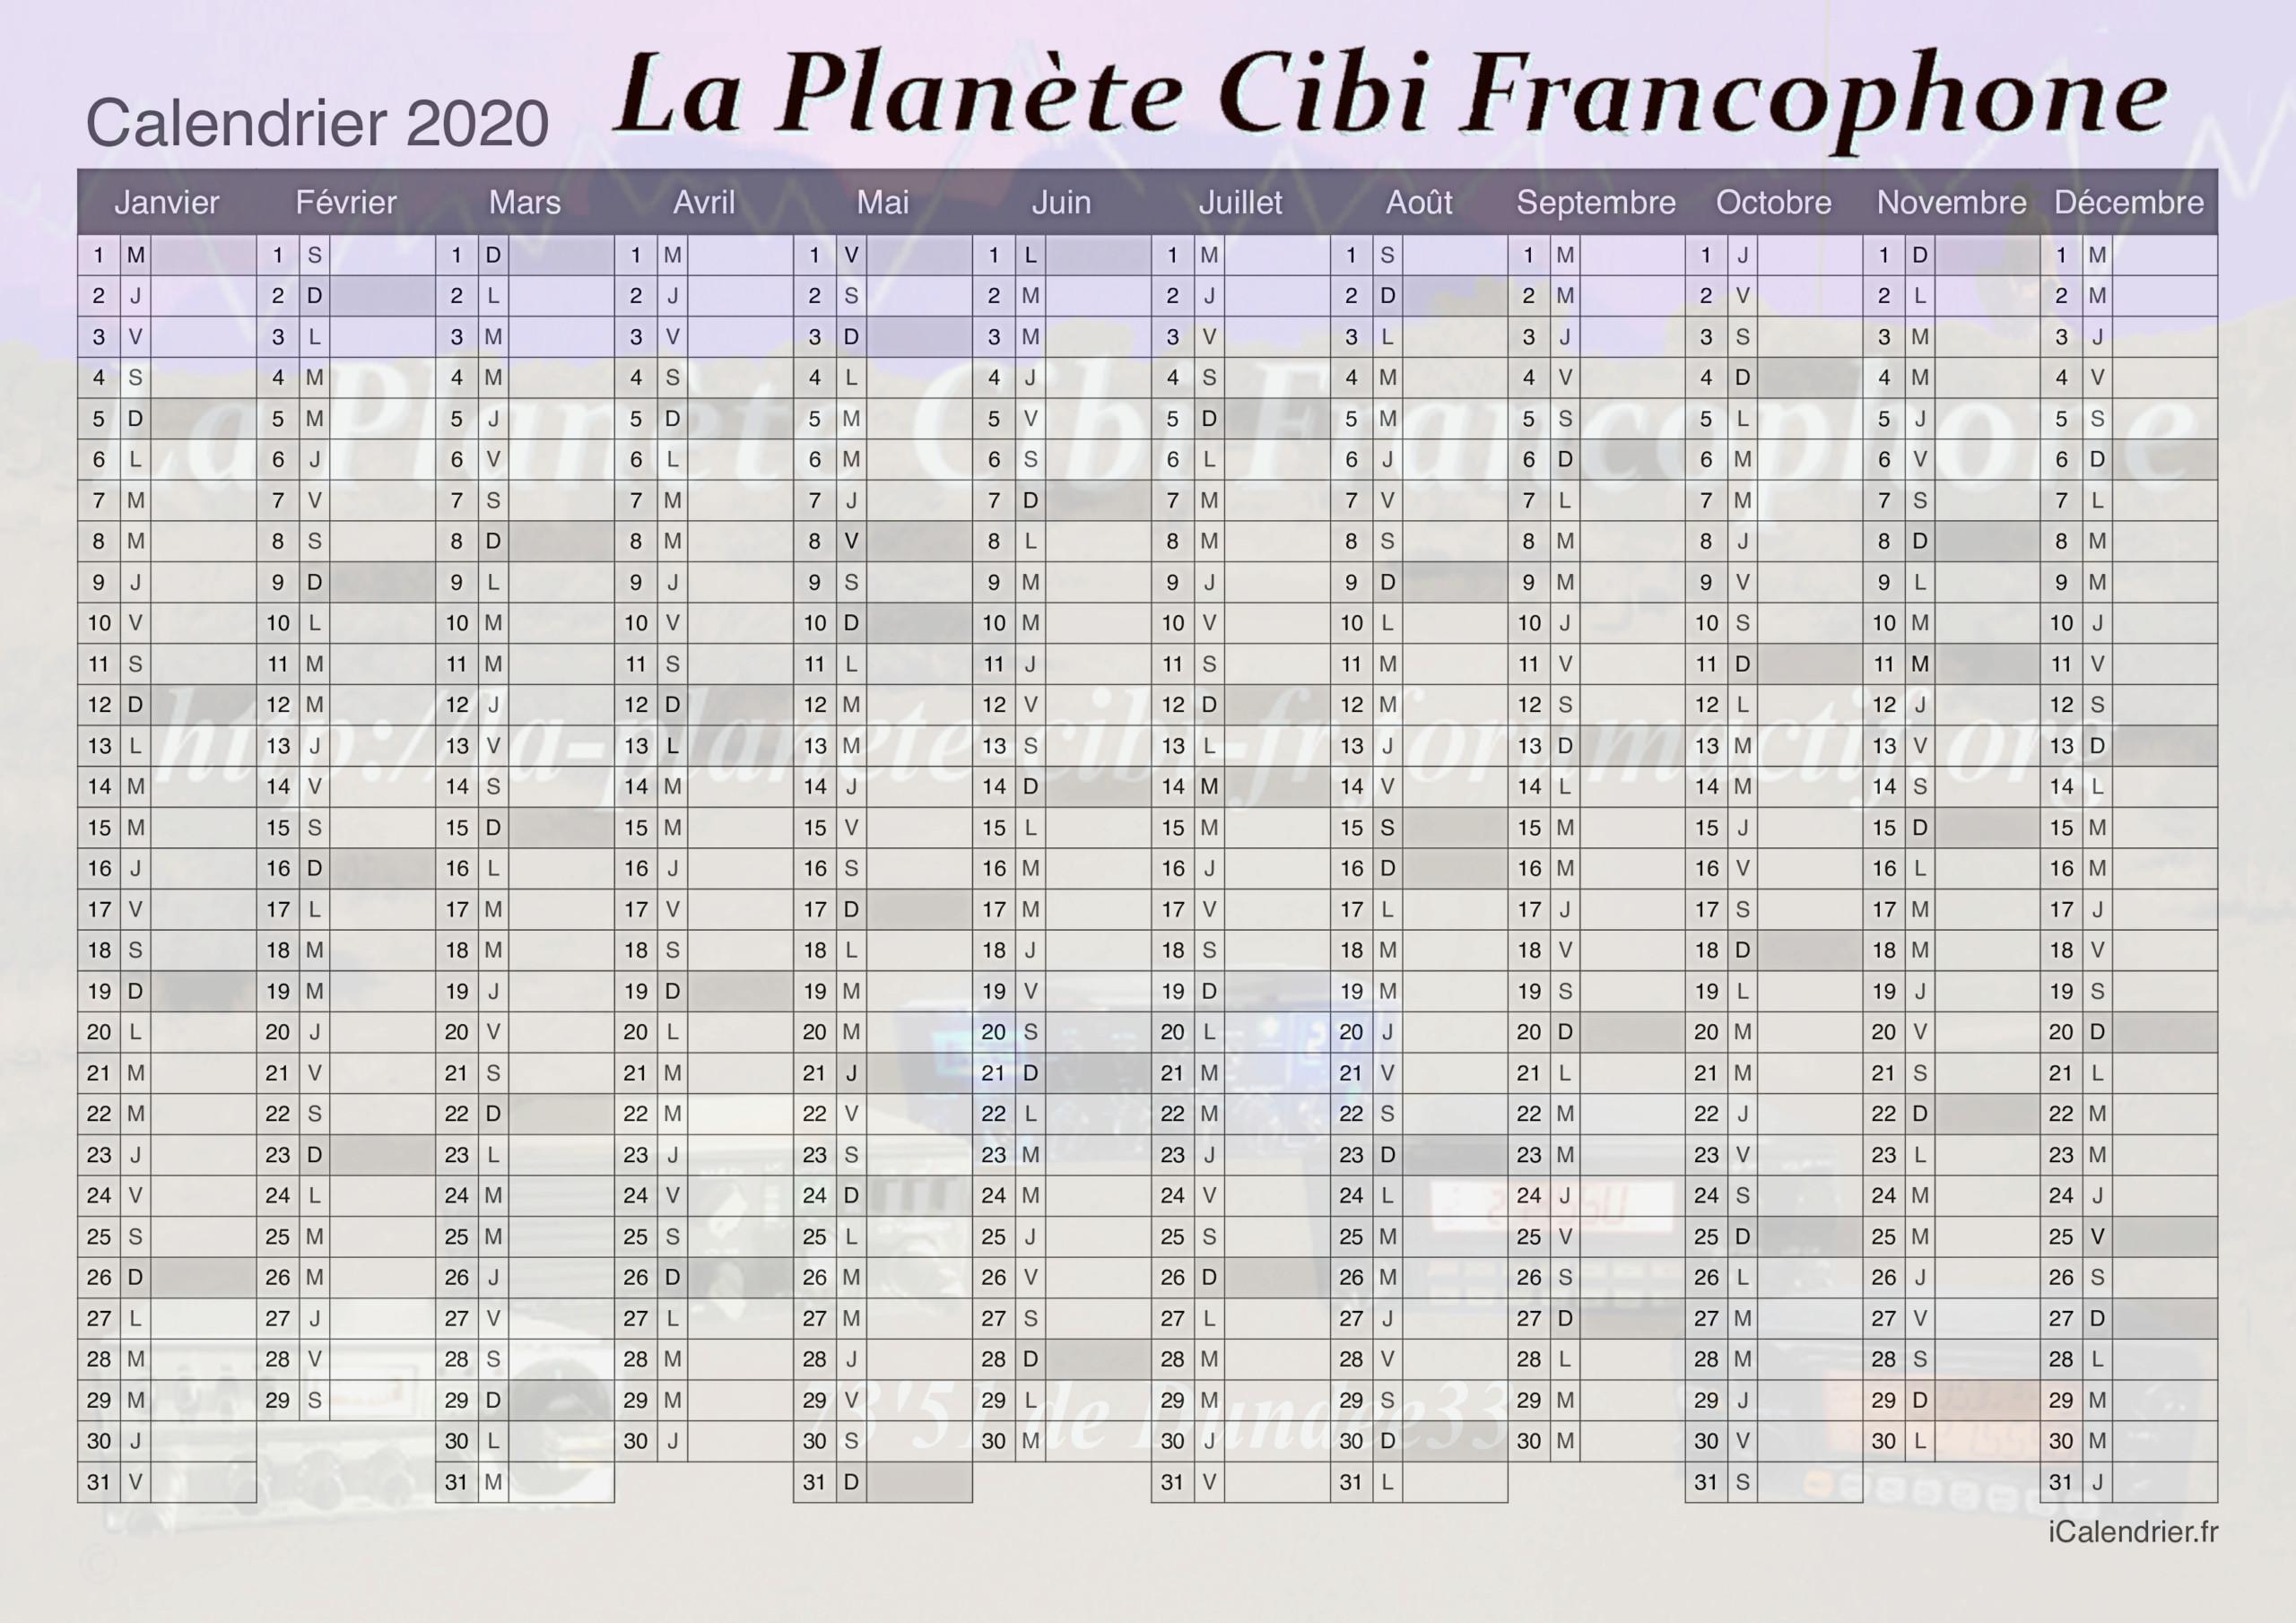 2020 - Calendrier 2020 La Planète Cibi Francophone Calend12